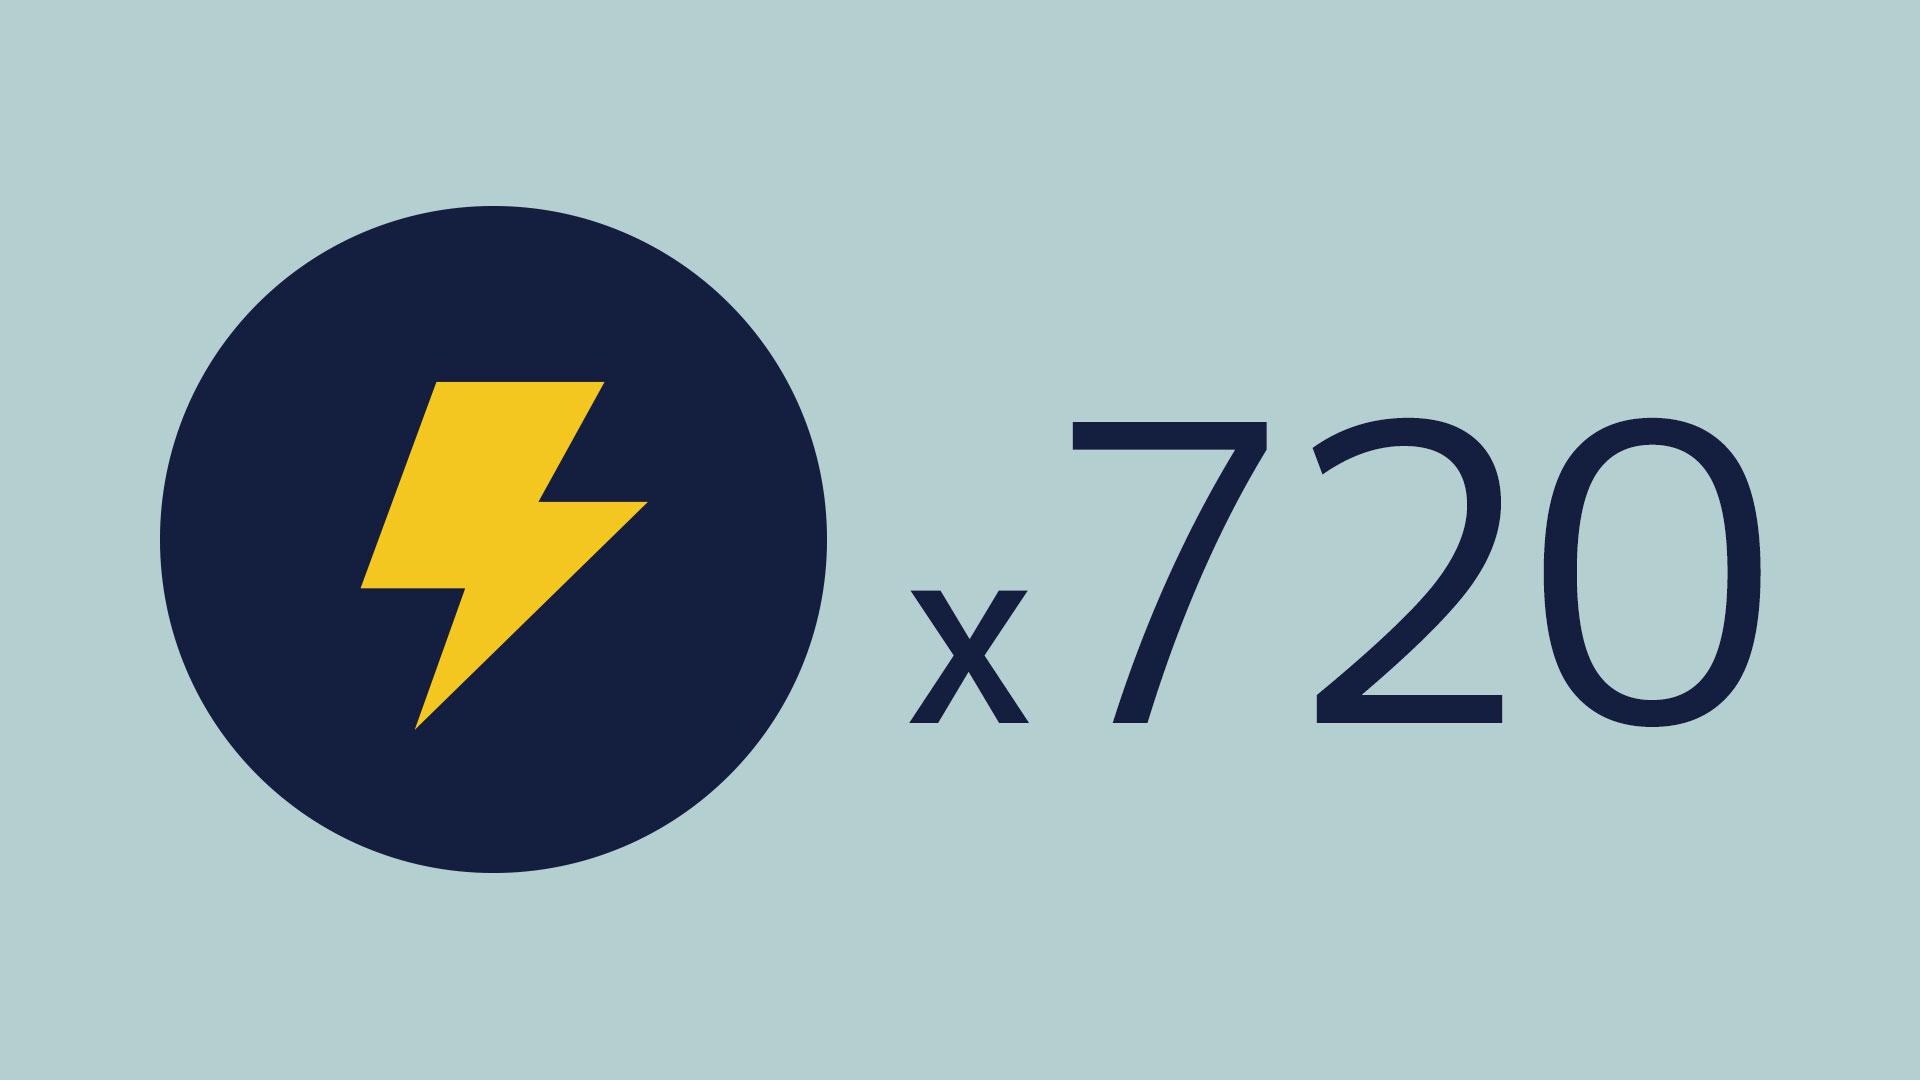 720 Lightnings